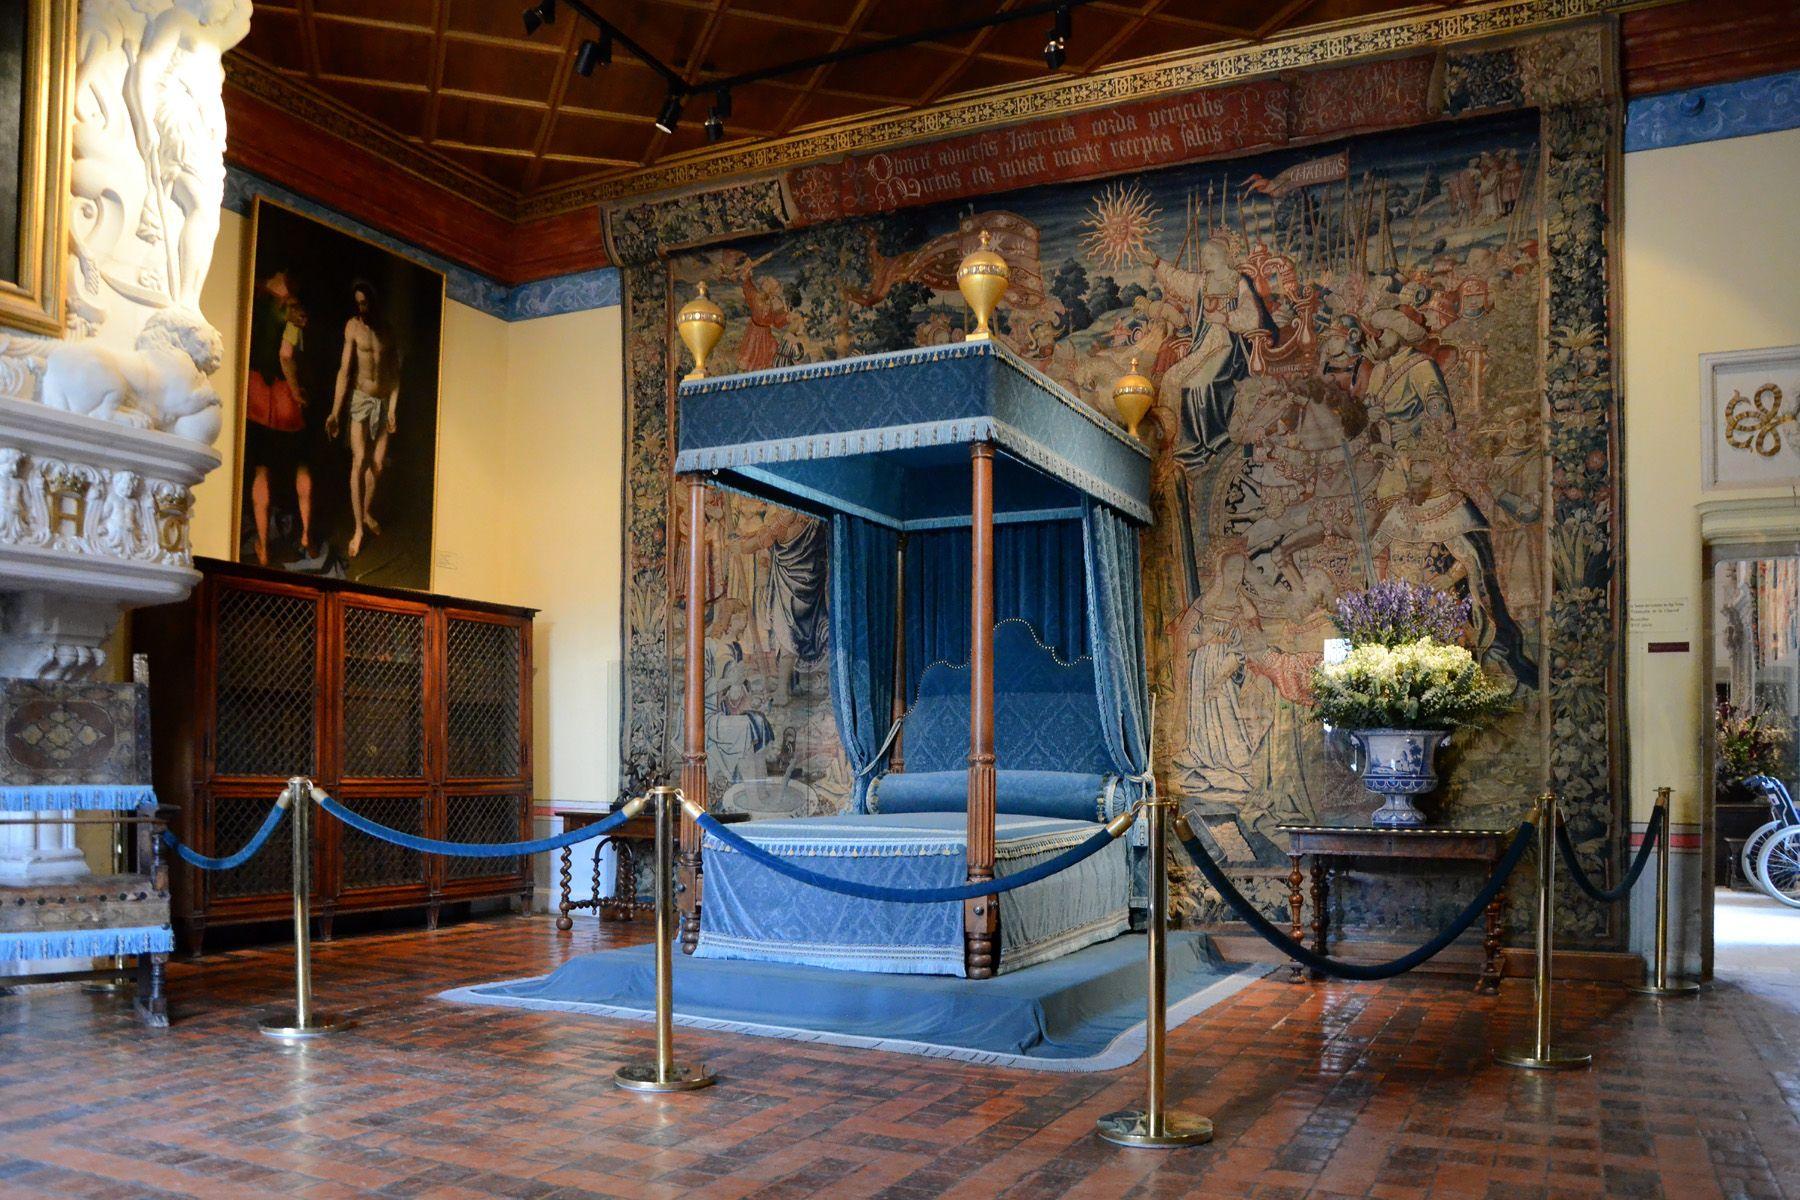 château de chenonceau interieur - Google Search | Architecture ...